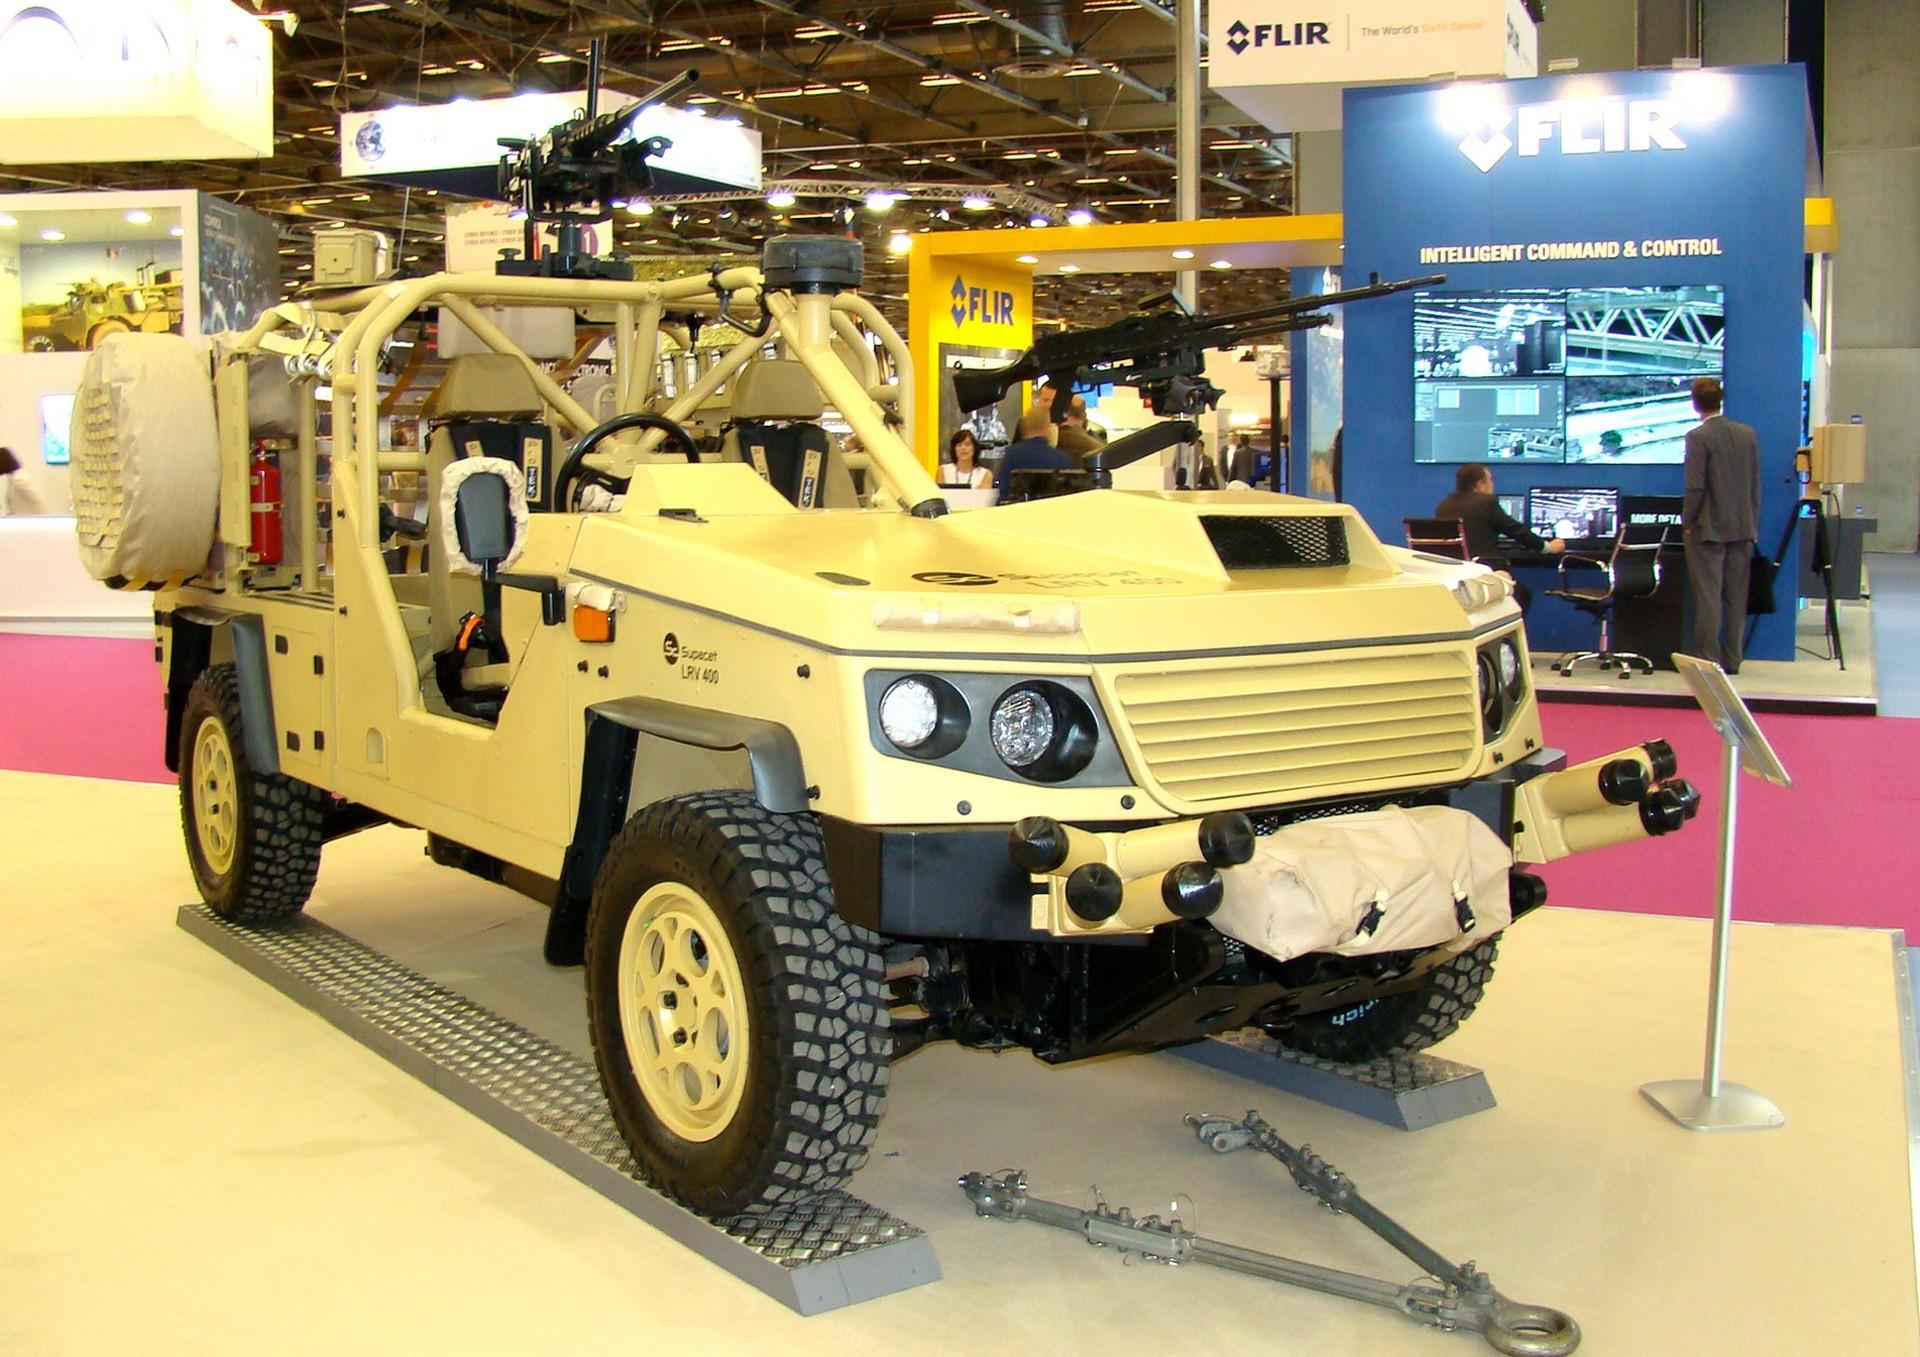 Открытый боевой автомобиль Supacat LRV-400 Mk-2 с двумя пулеметами